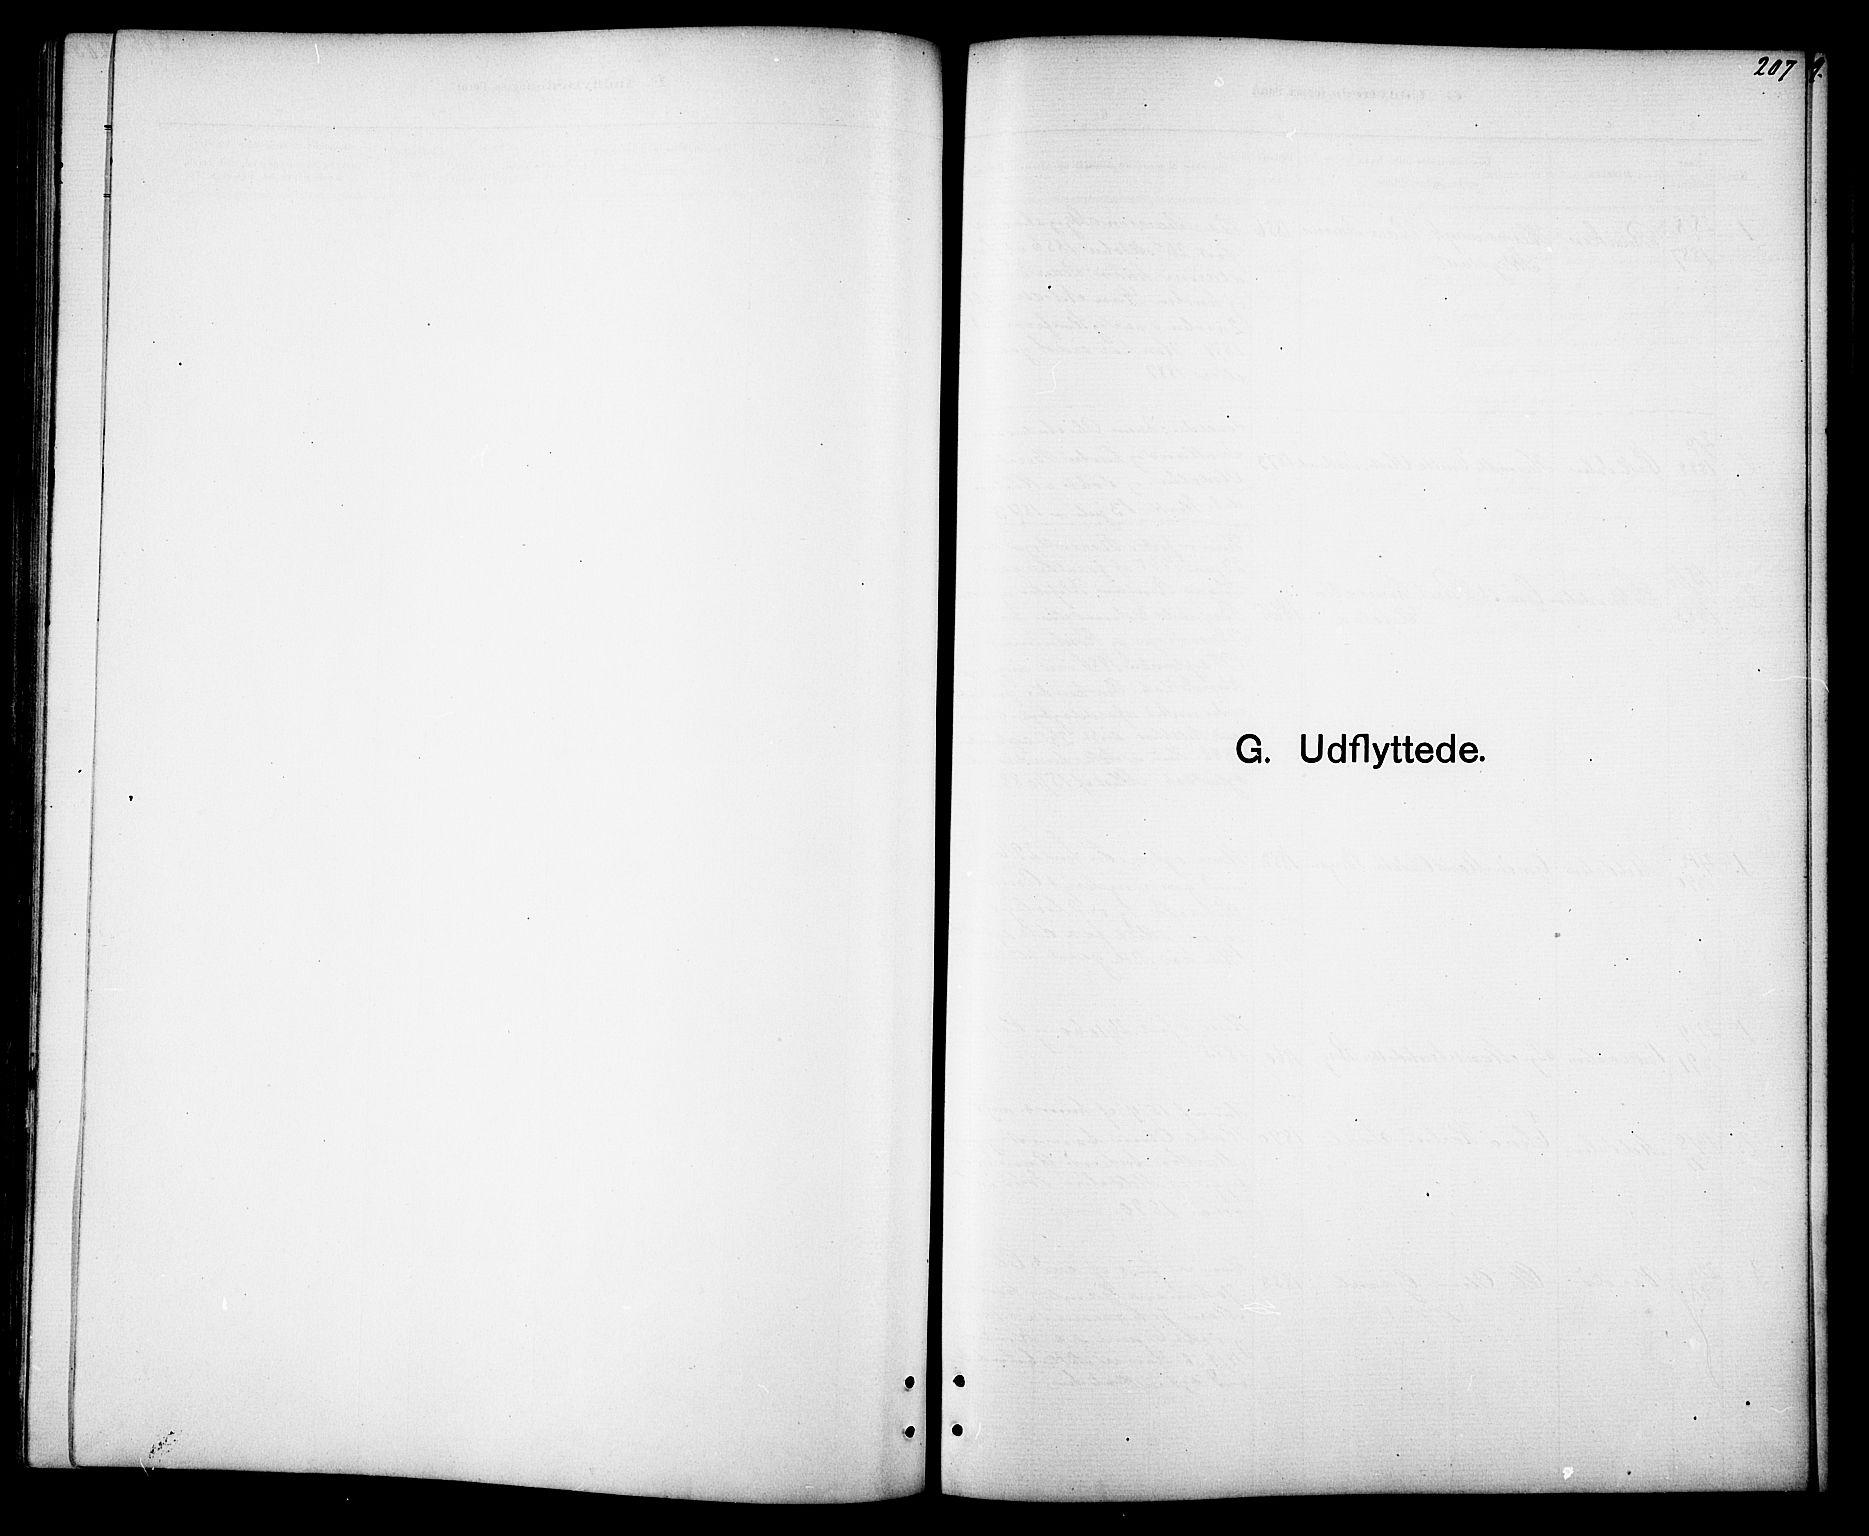 SAT, Ministerialprotokoller, klokkerbøker og fødselsregistre - Sør-Trøndelag, 694/L1132: Klokkerbok nr. 694C04, 1887-1914, s. 207